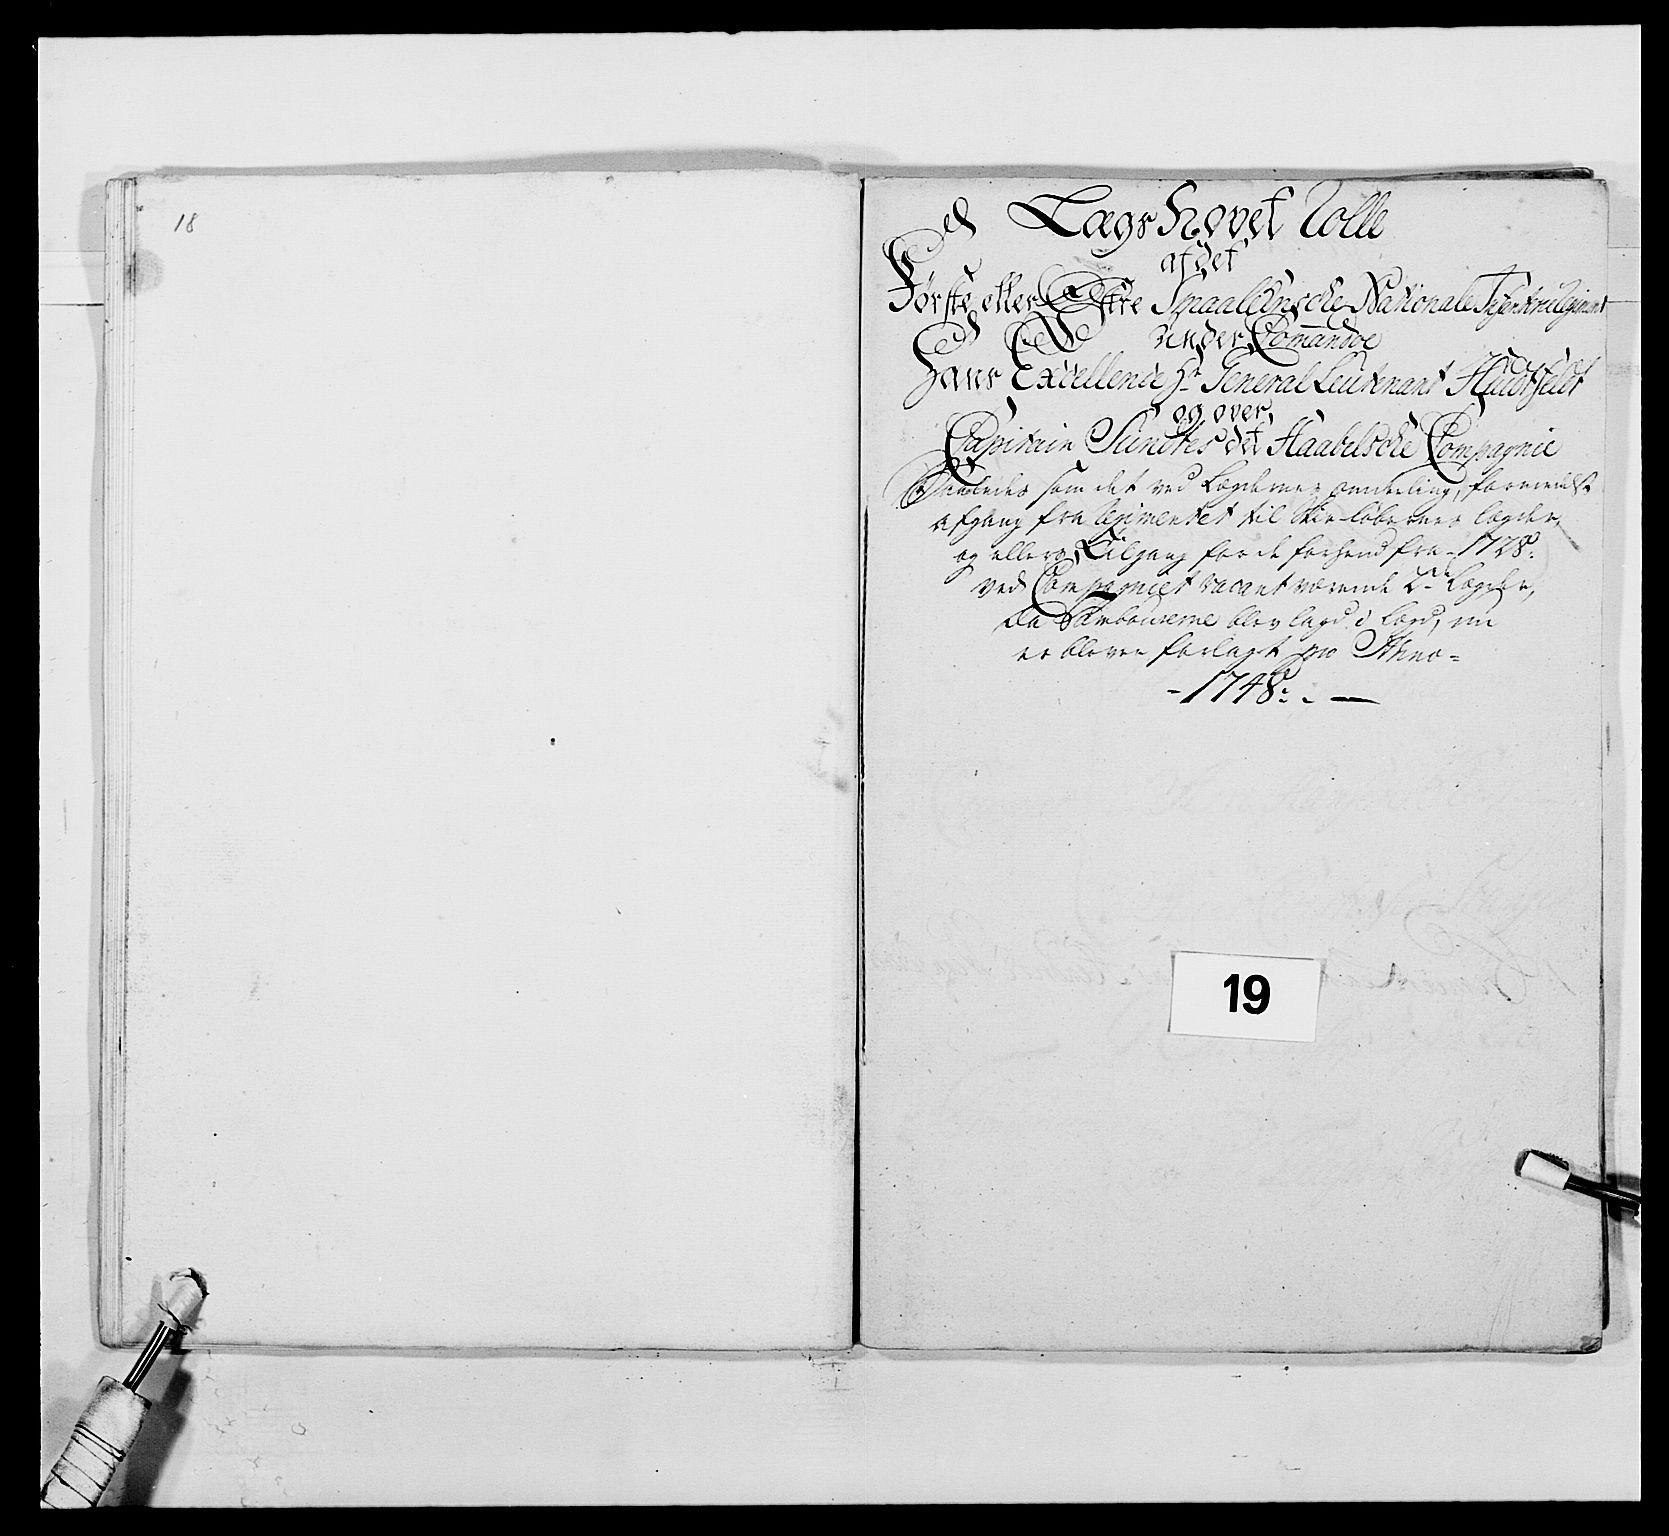 RA, Kommanderende general (KG I) med Det norske krigsdirektorium, E/Ea/L0495: 1. Smålenske regiment, 1732-1763, s. 247